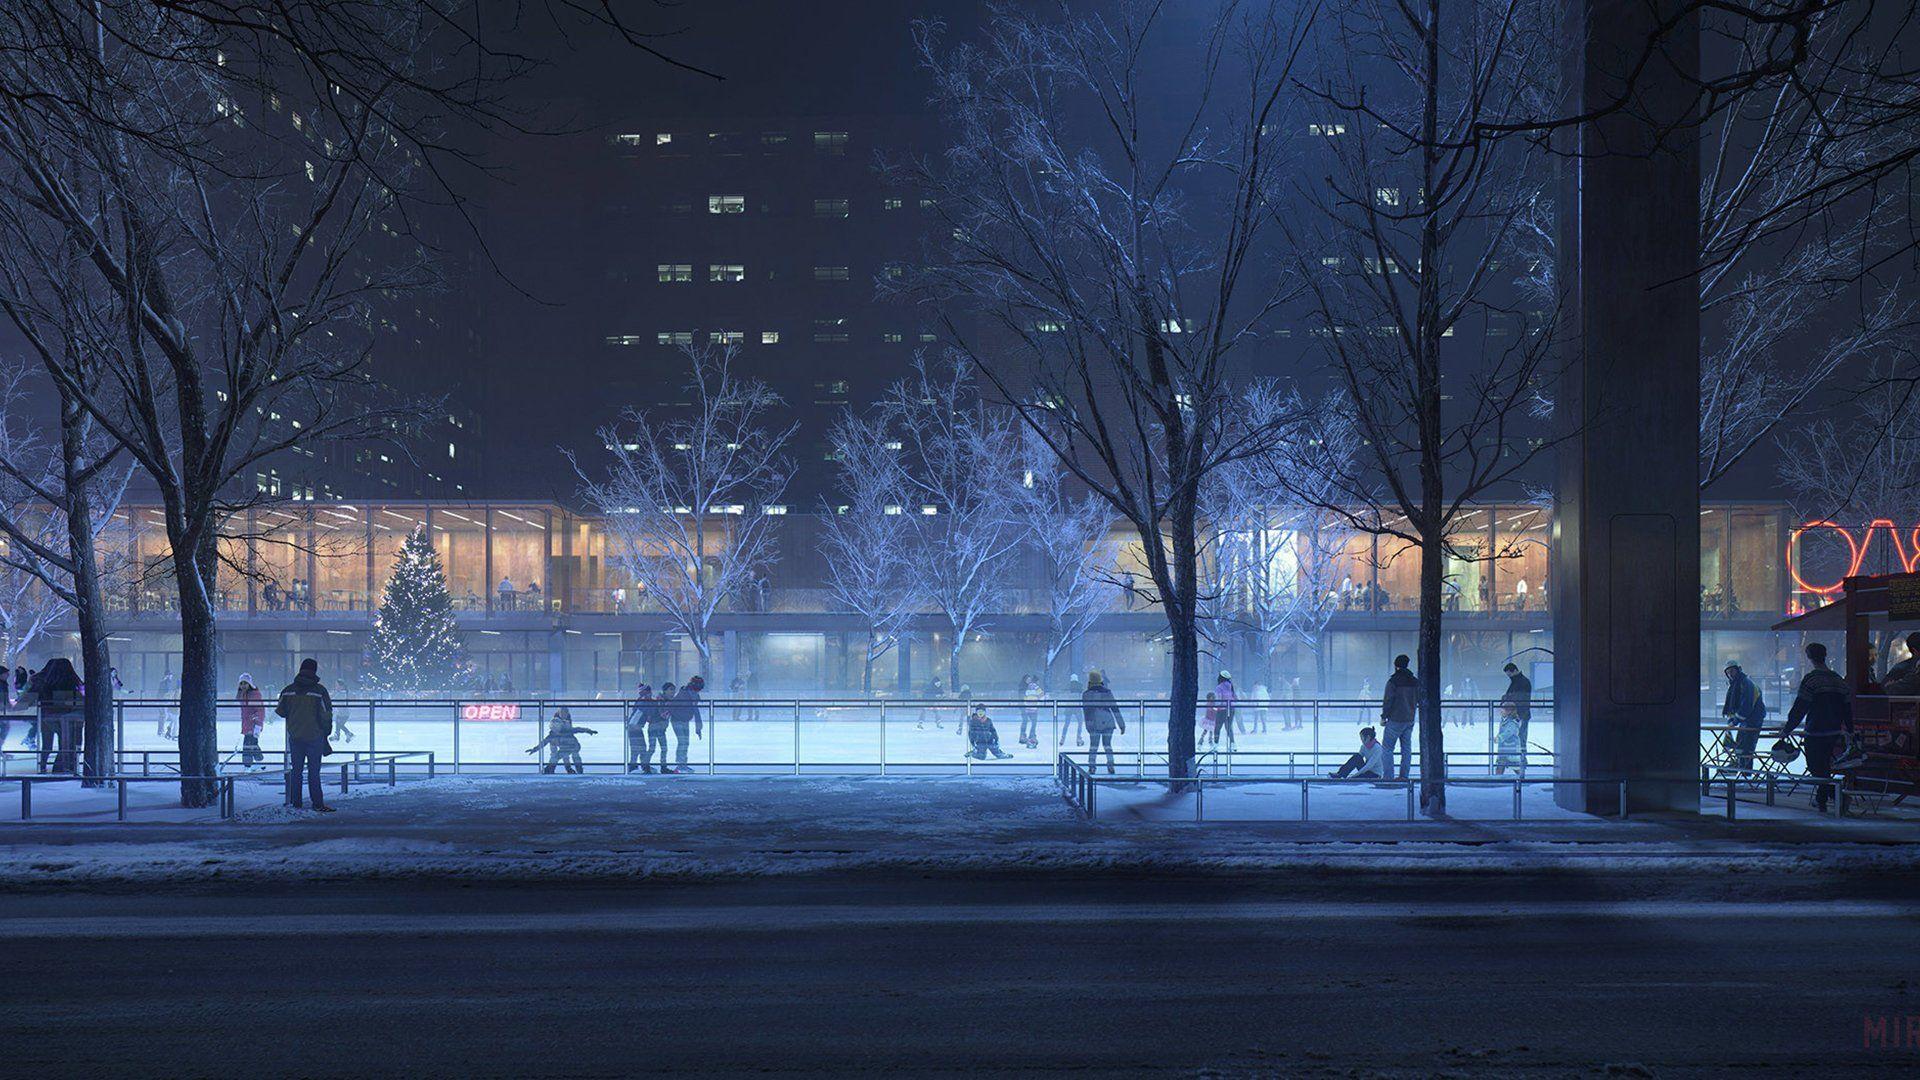 Anime Original City Night Tree Winter Wallpaper Winter Wallpaper Tree Winter Wallpaper Anime City